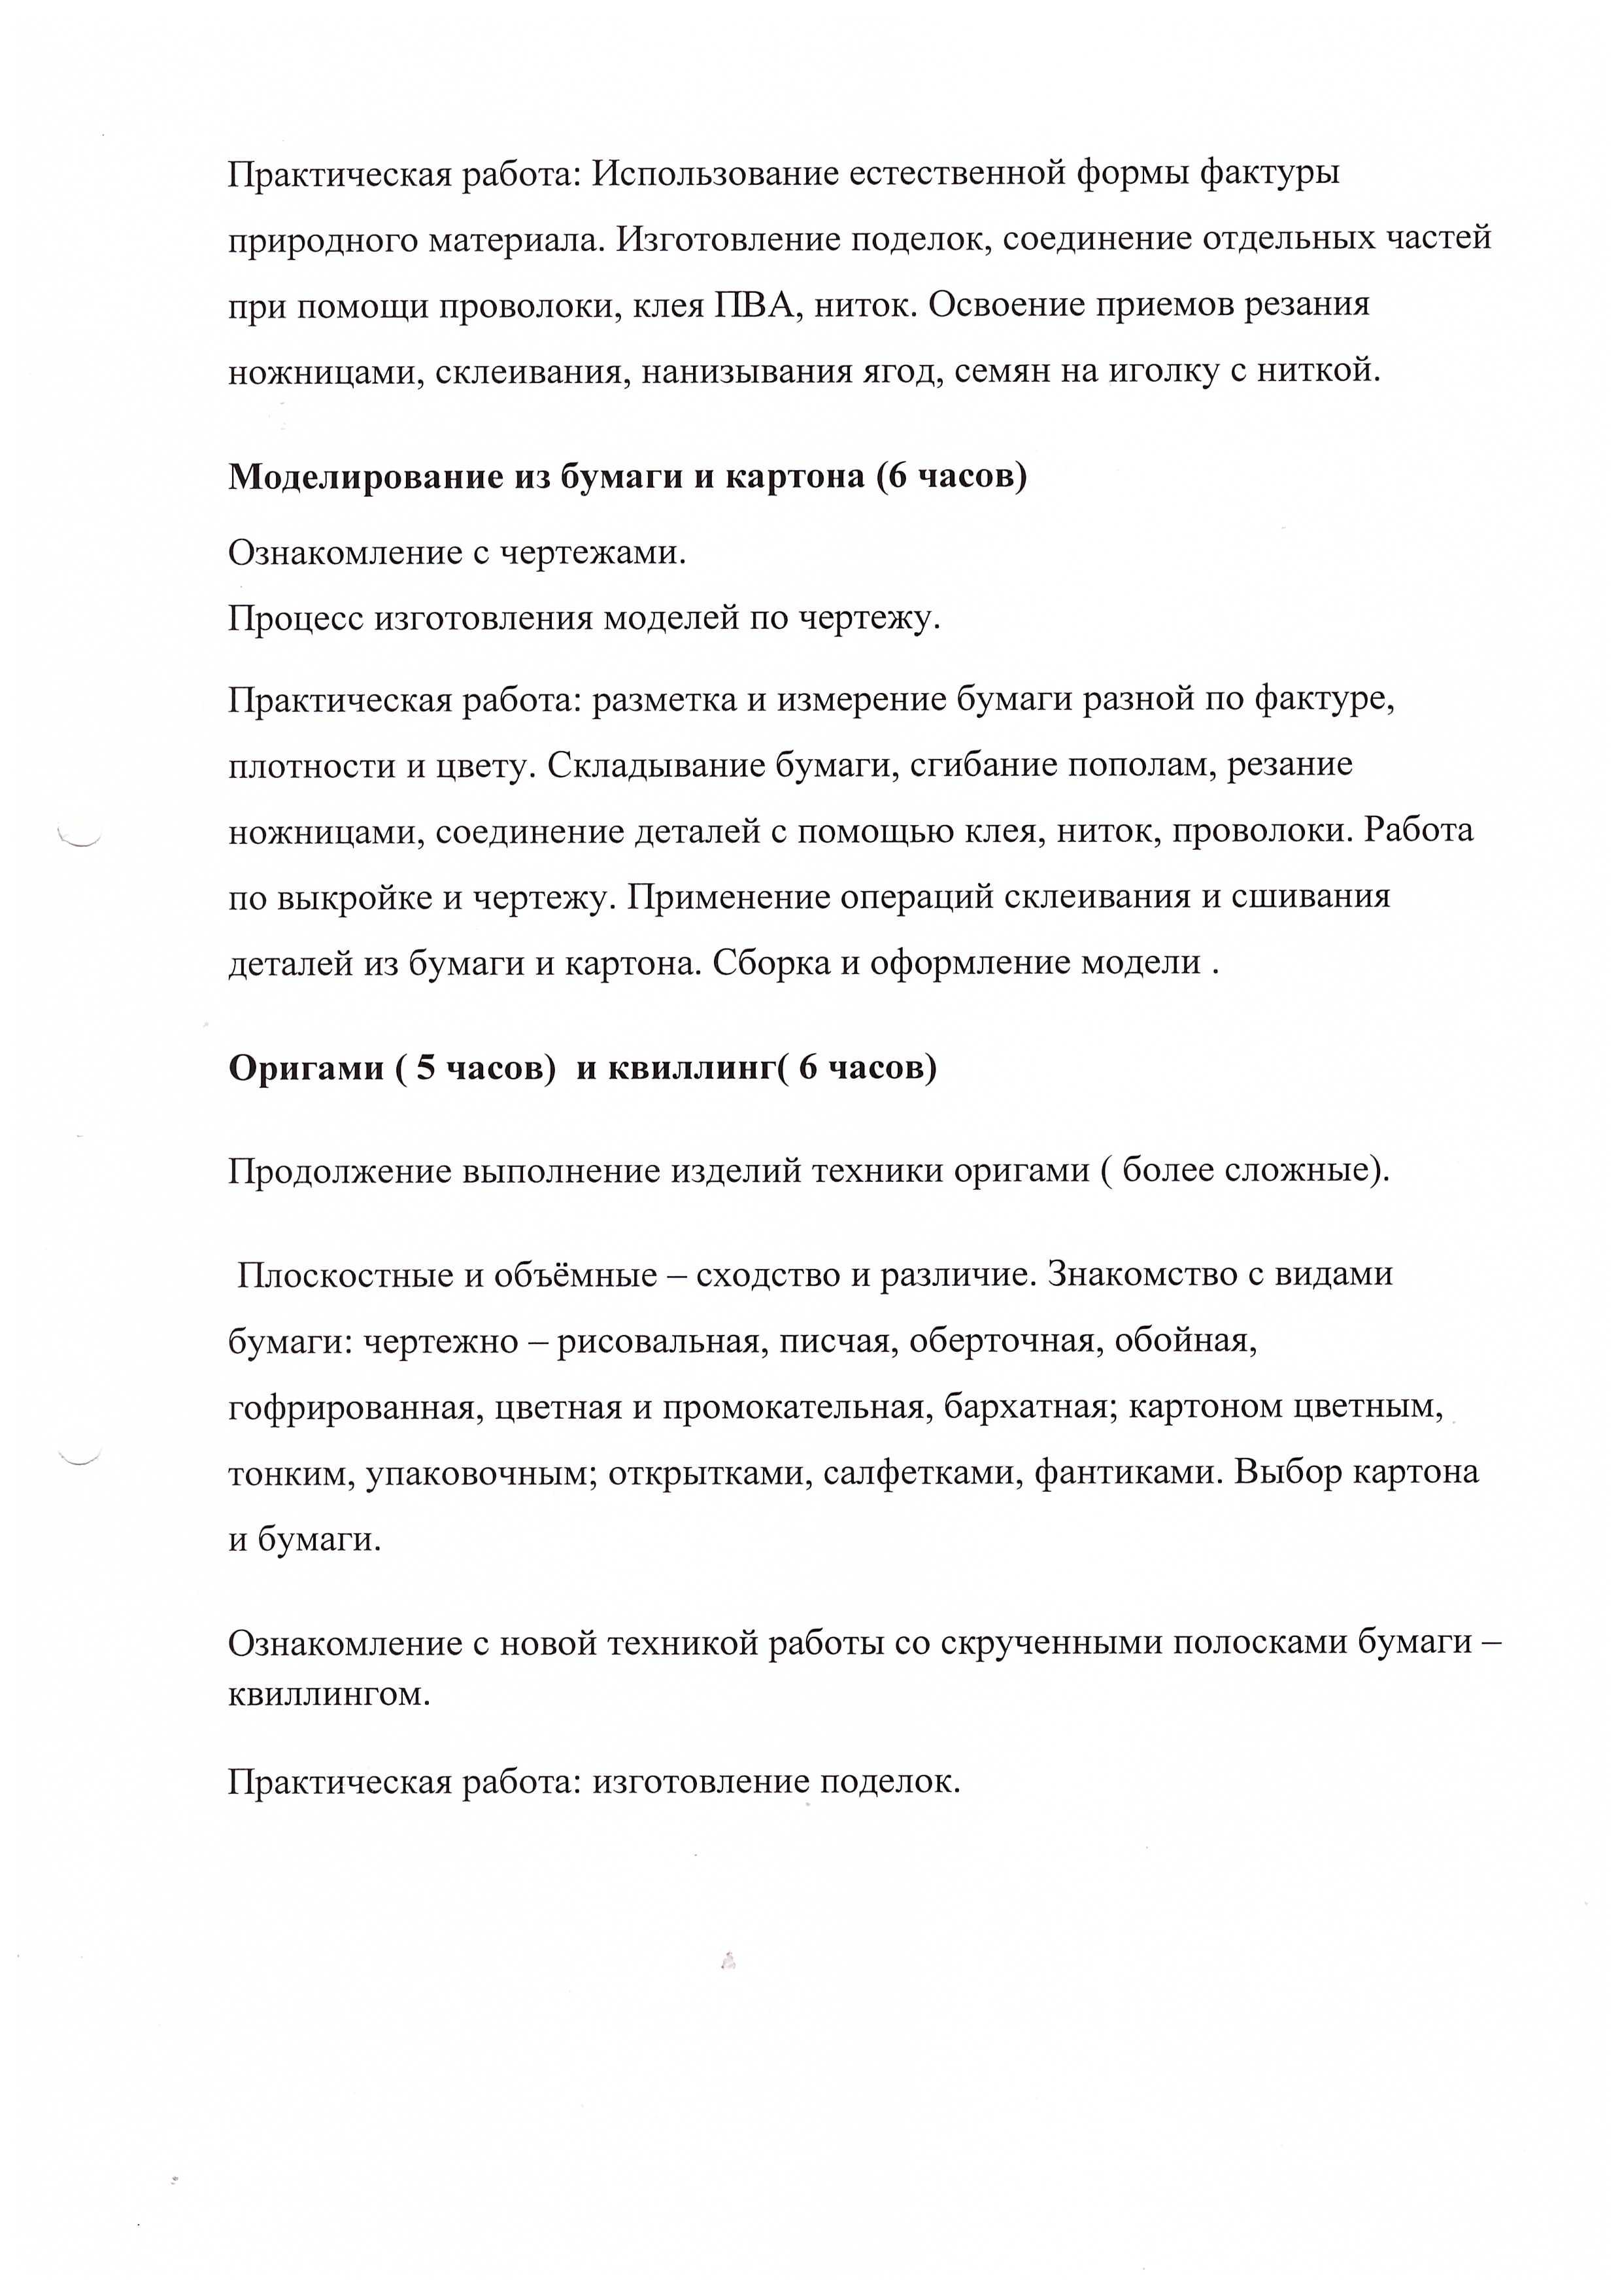 G:\Попова Н.В\6 стр.jpeg